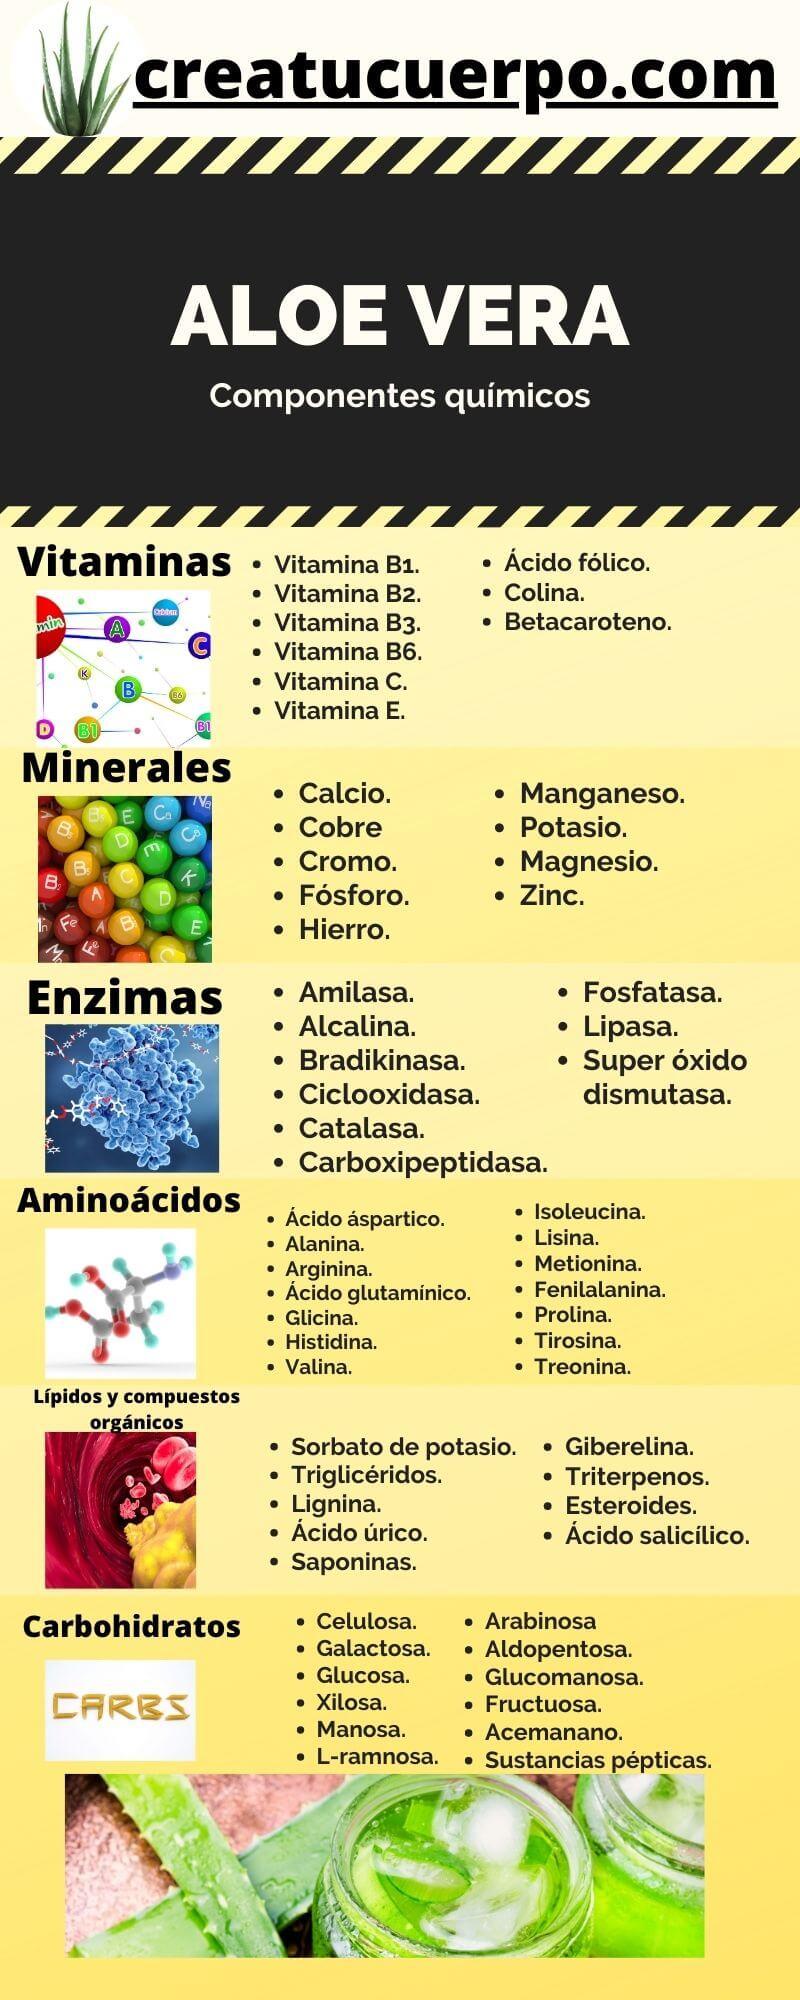 Infografía de los componentes del aloe vera